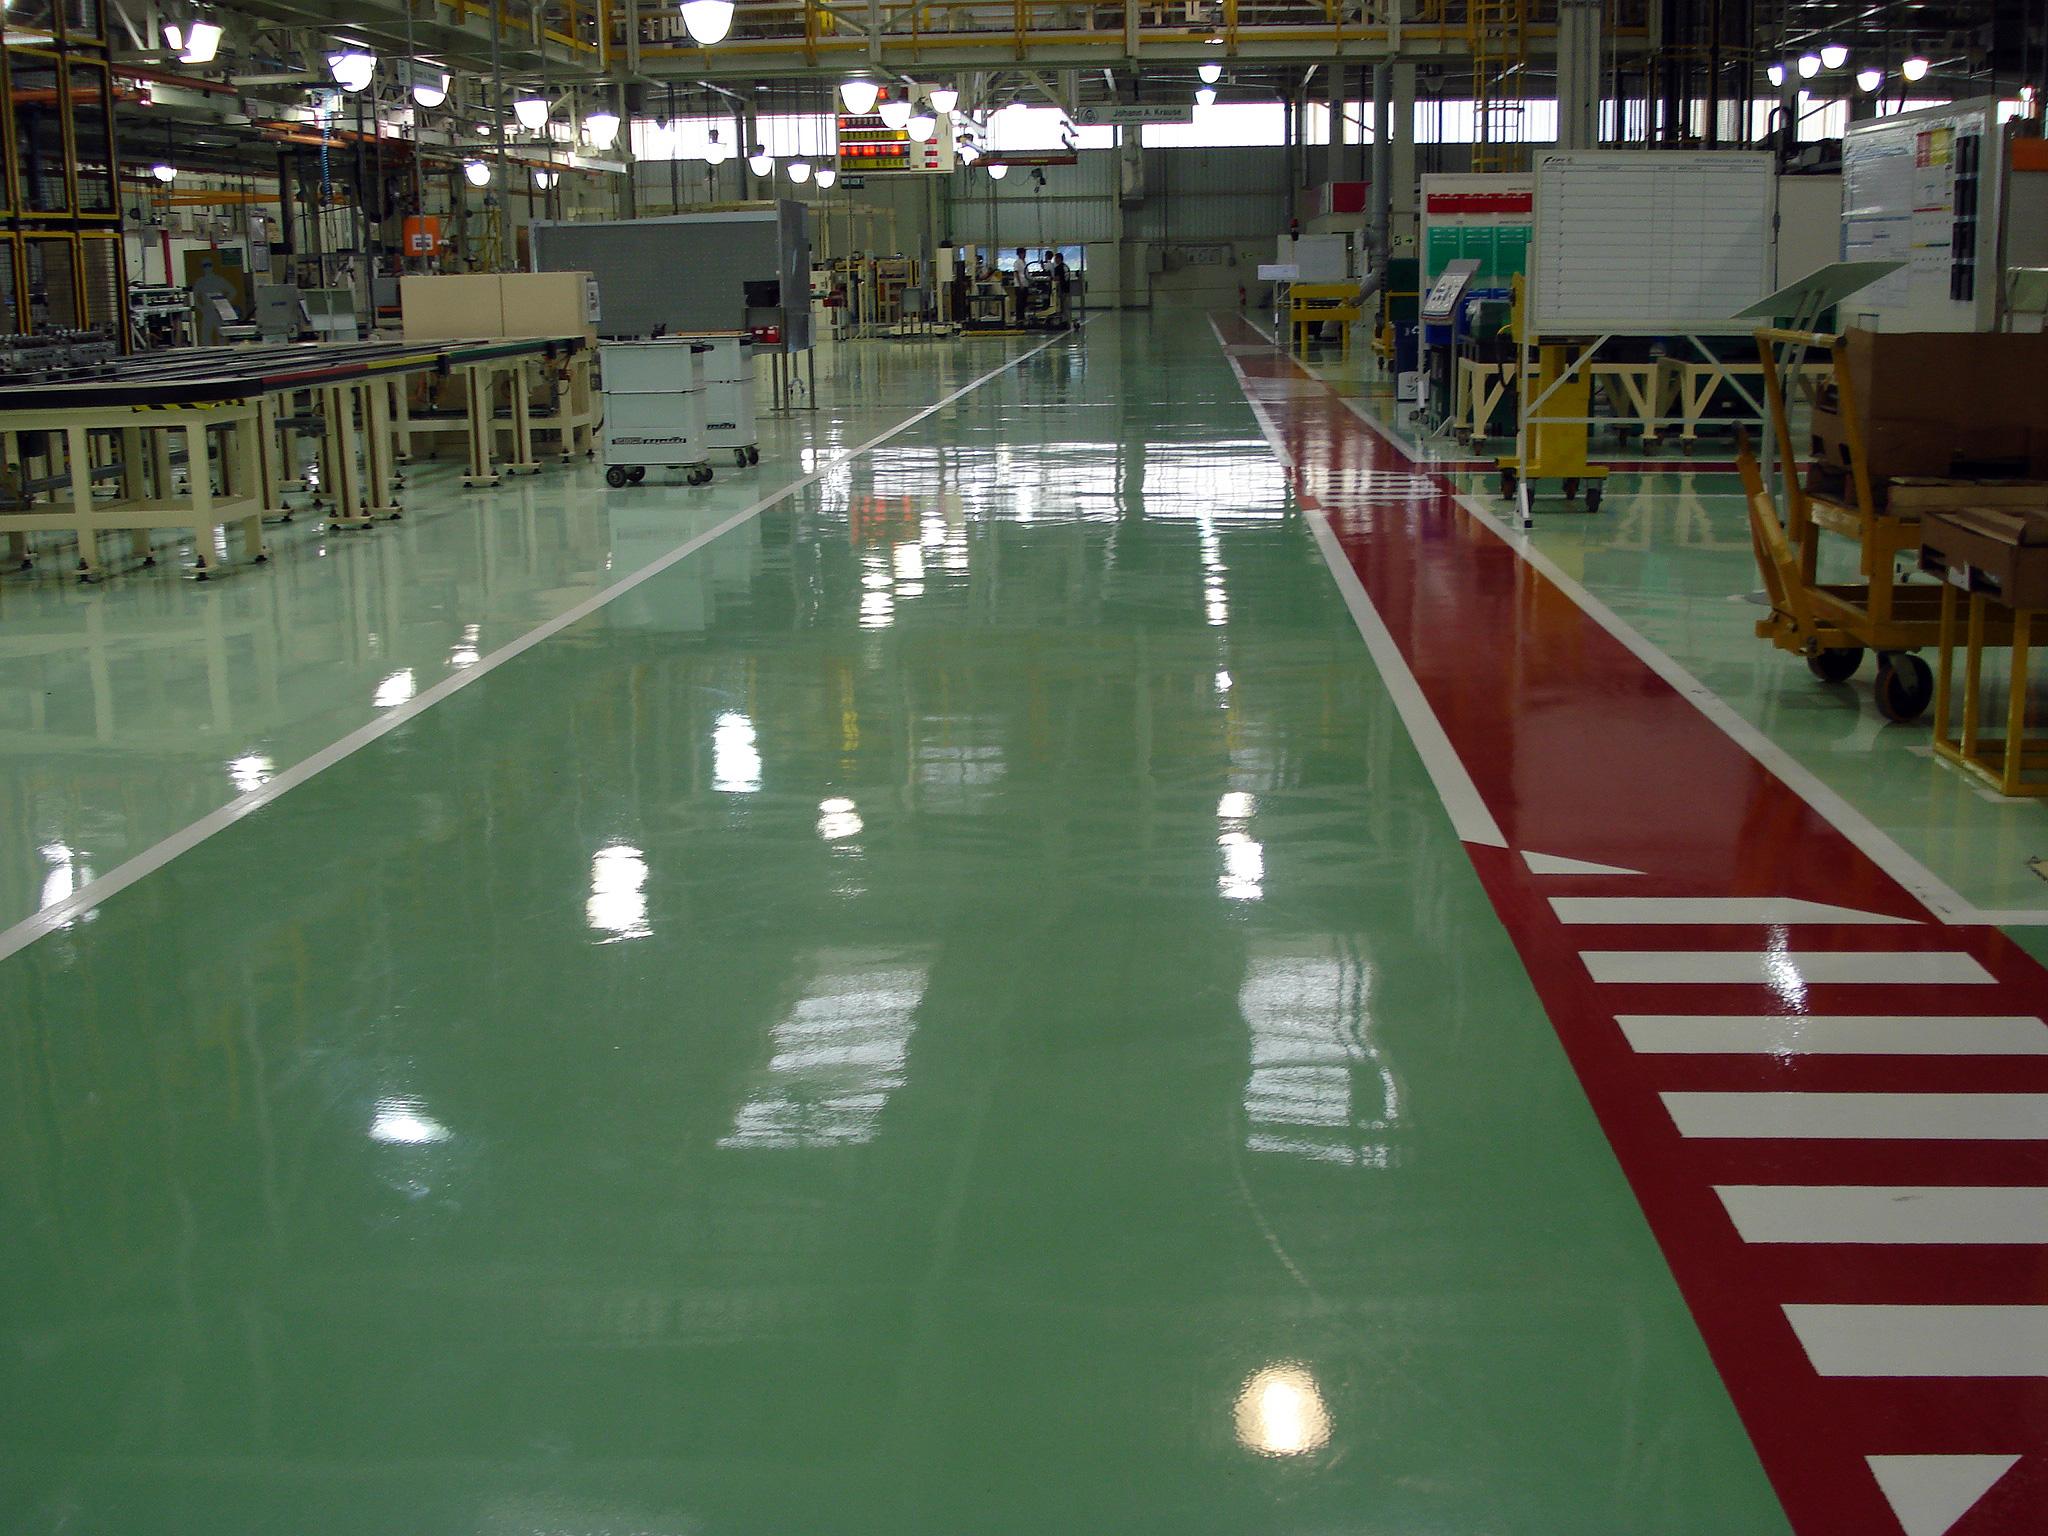 Pisos de alto desempenho: revestimentos cada vez mais sofisticados atendem do chão da fábrica a shopping centers.